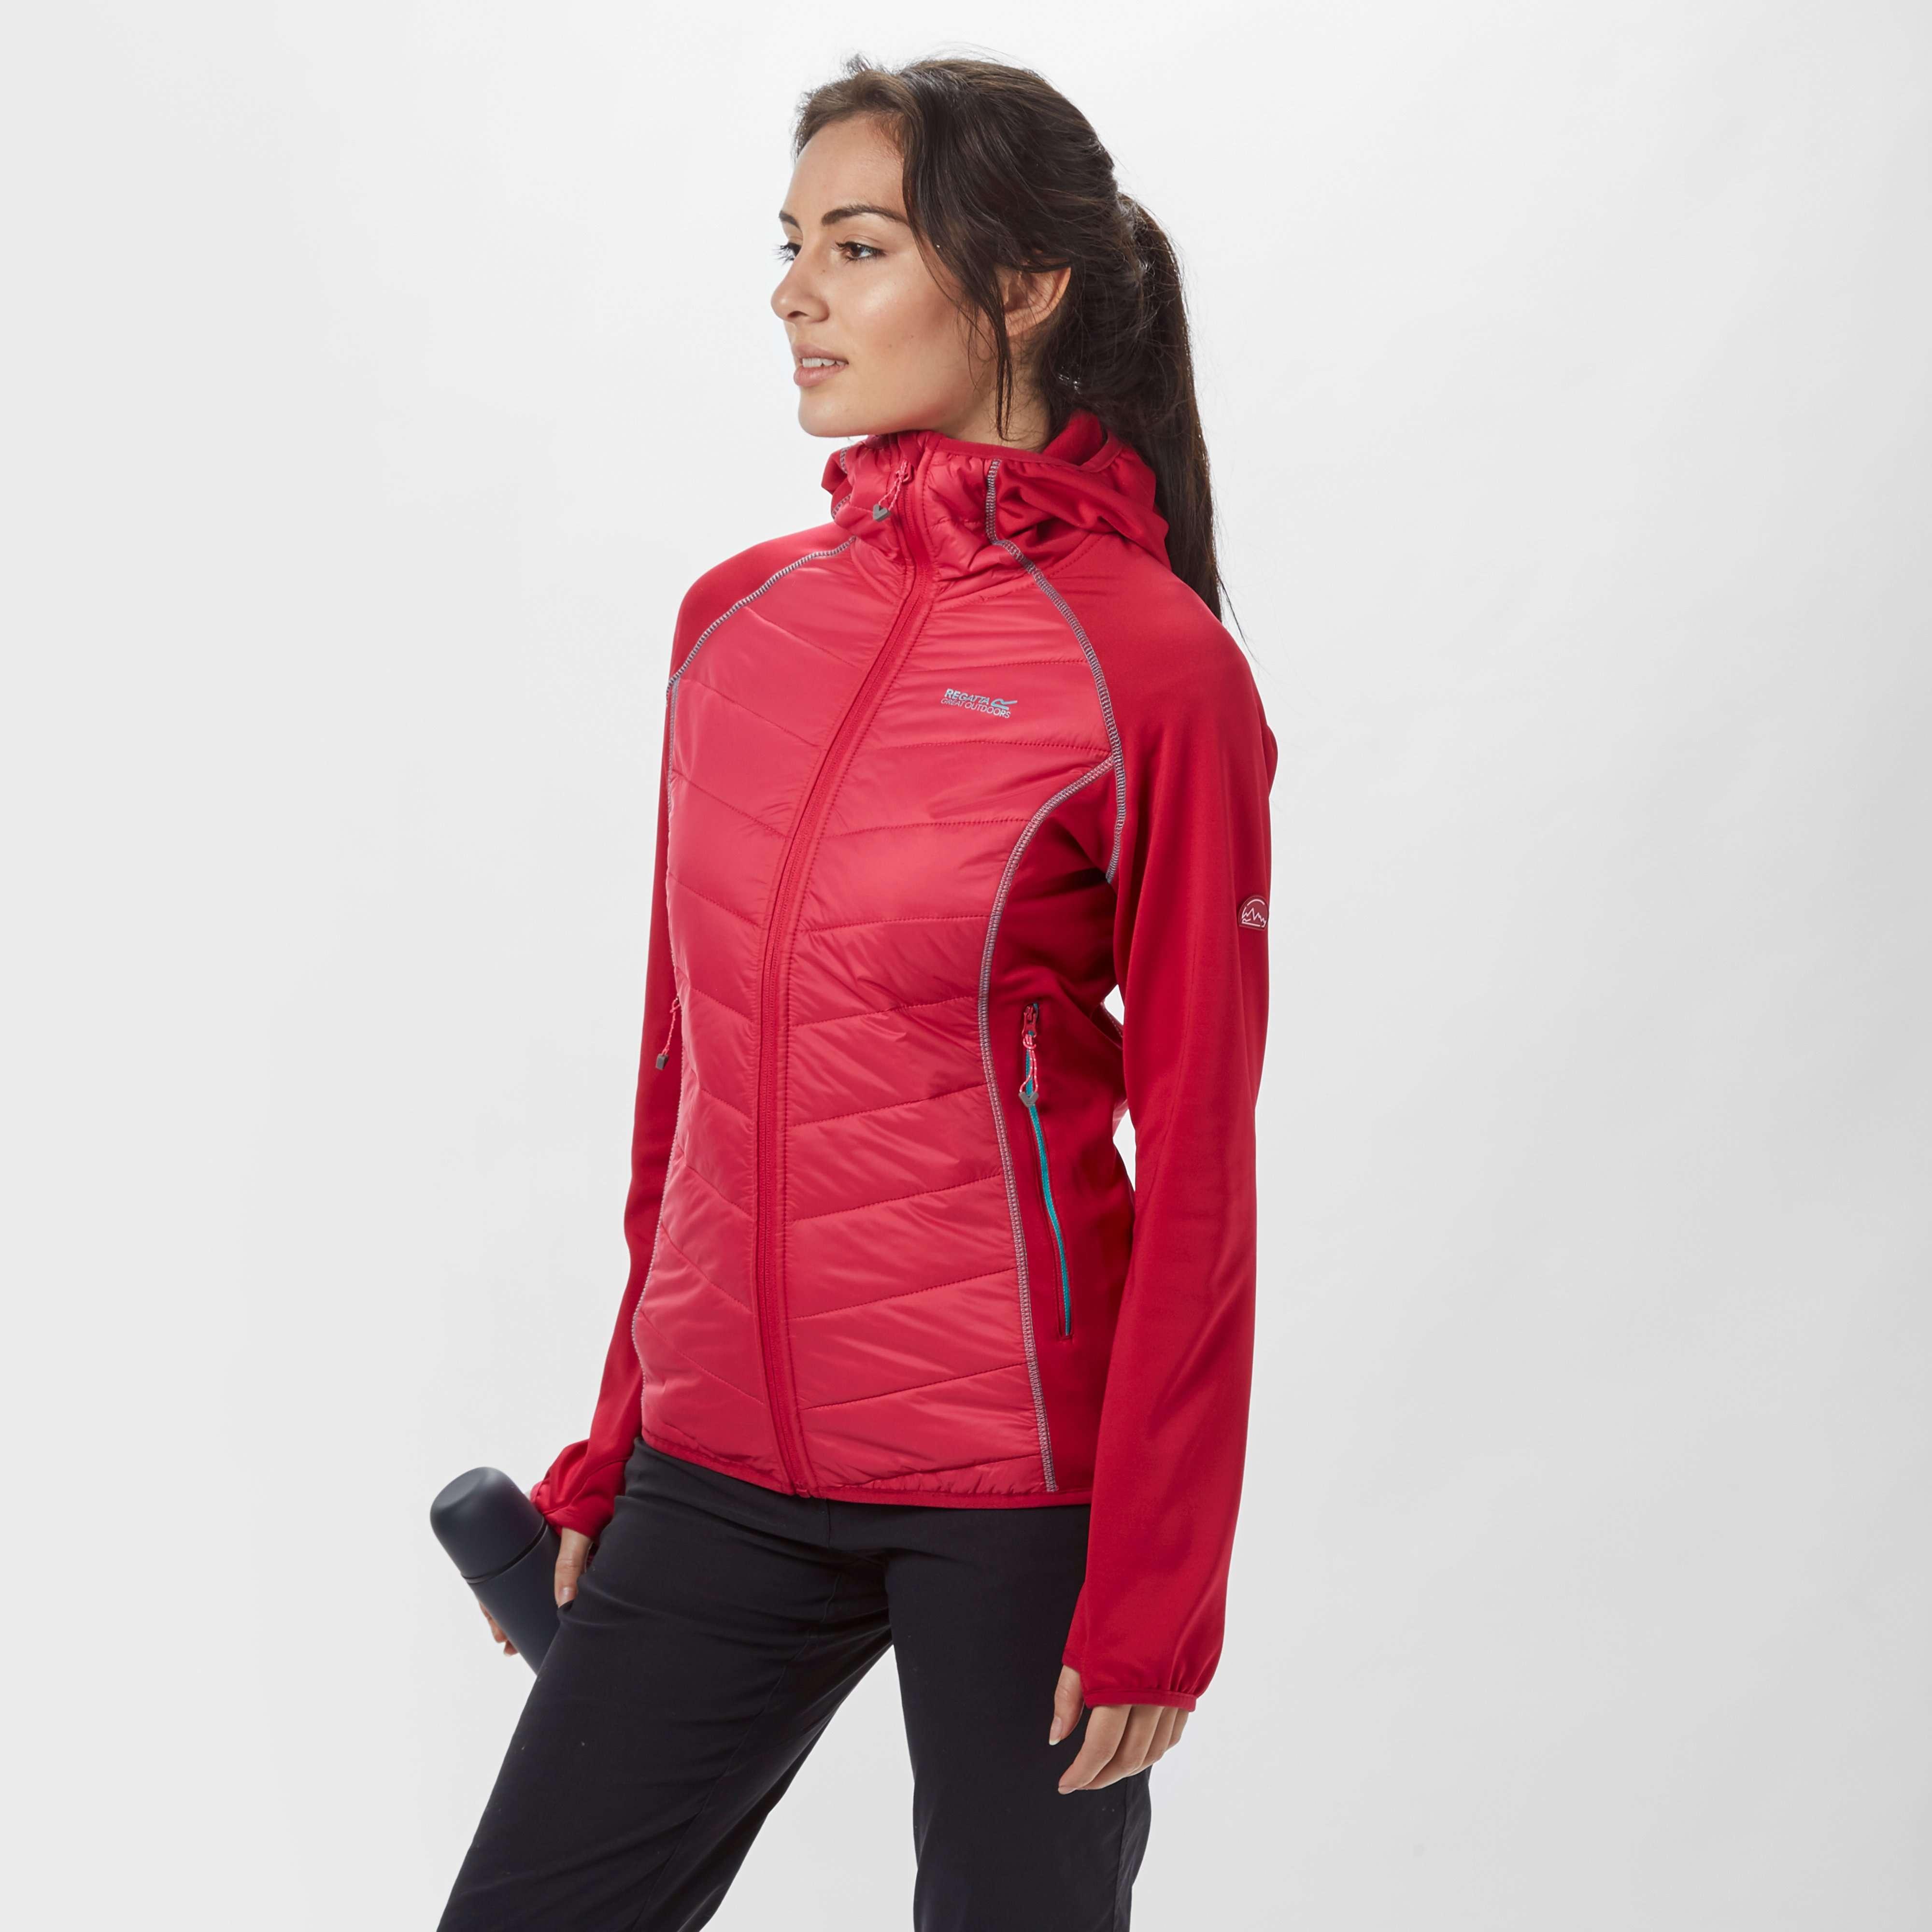 REGATTA Women's Anderson II Hybrid Jacket